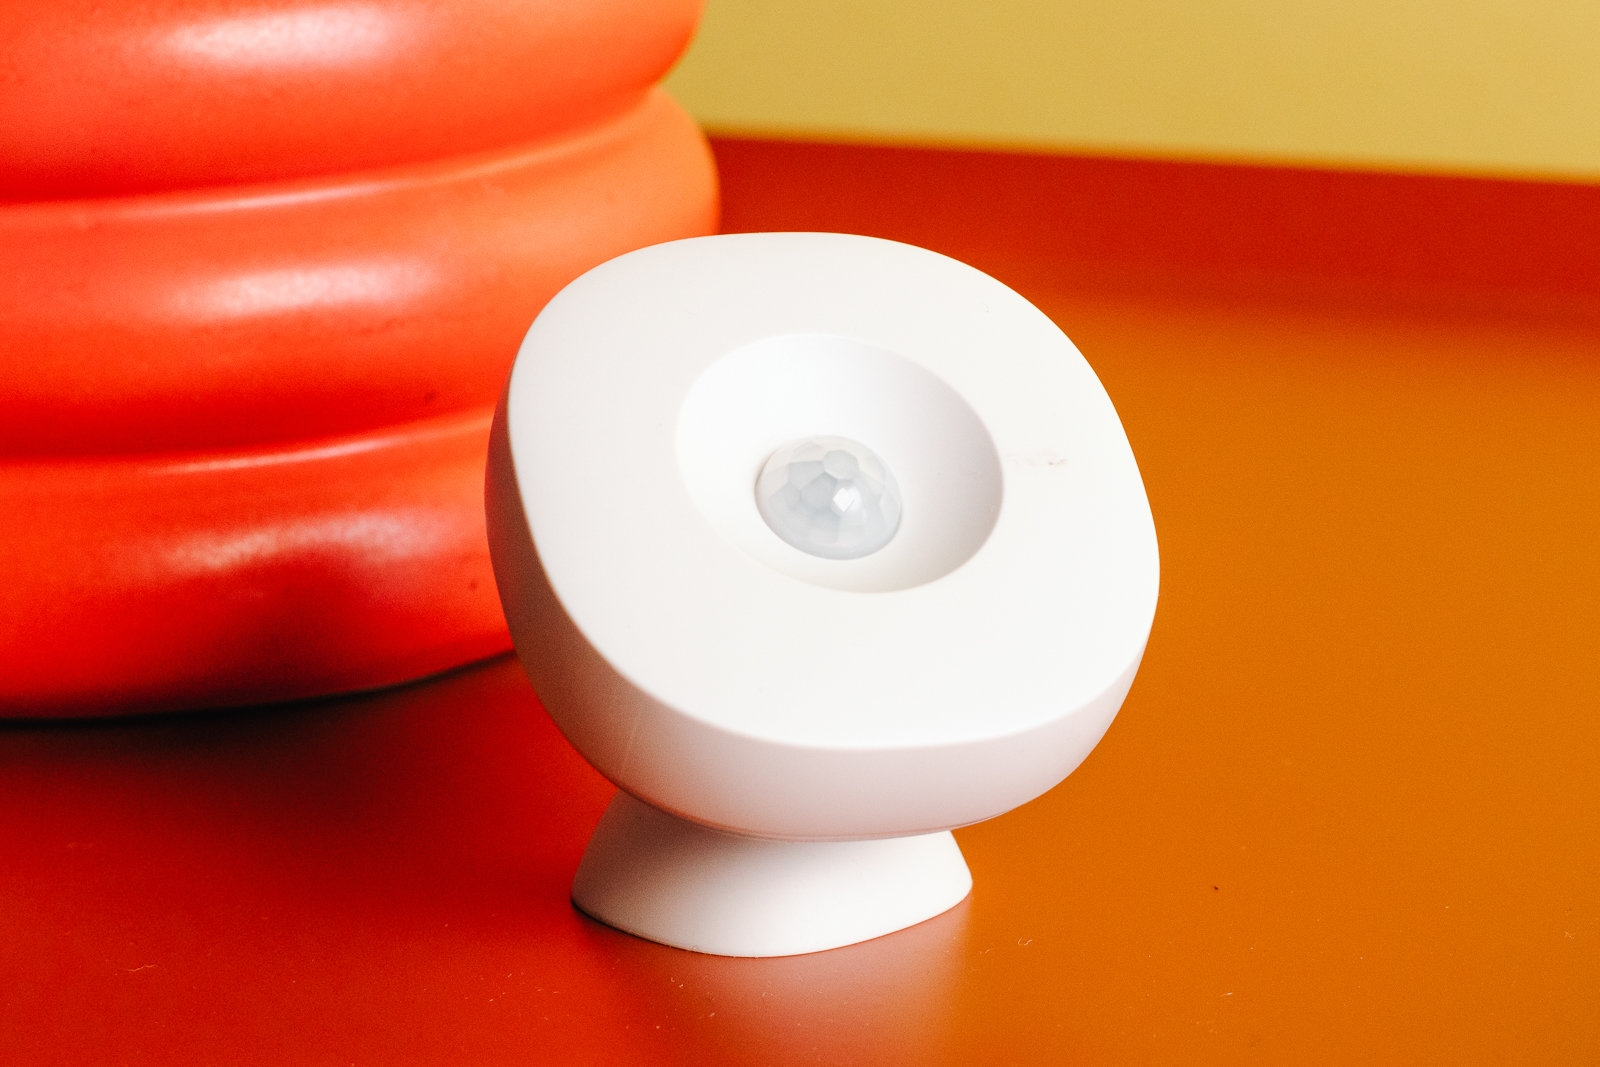 The best smart home sensors for Alexa | DeviceDaily.com